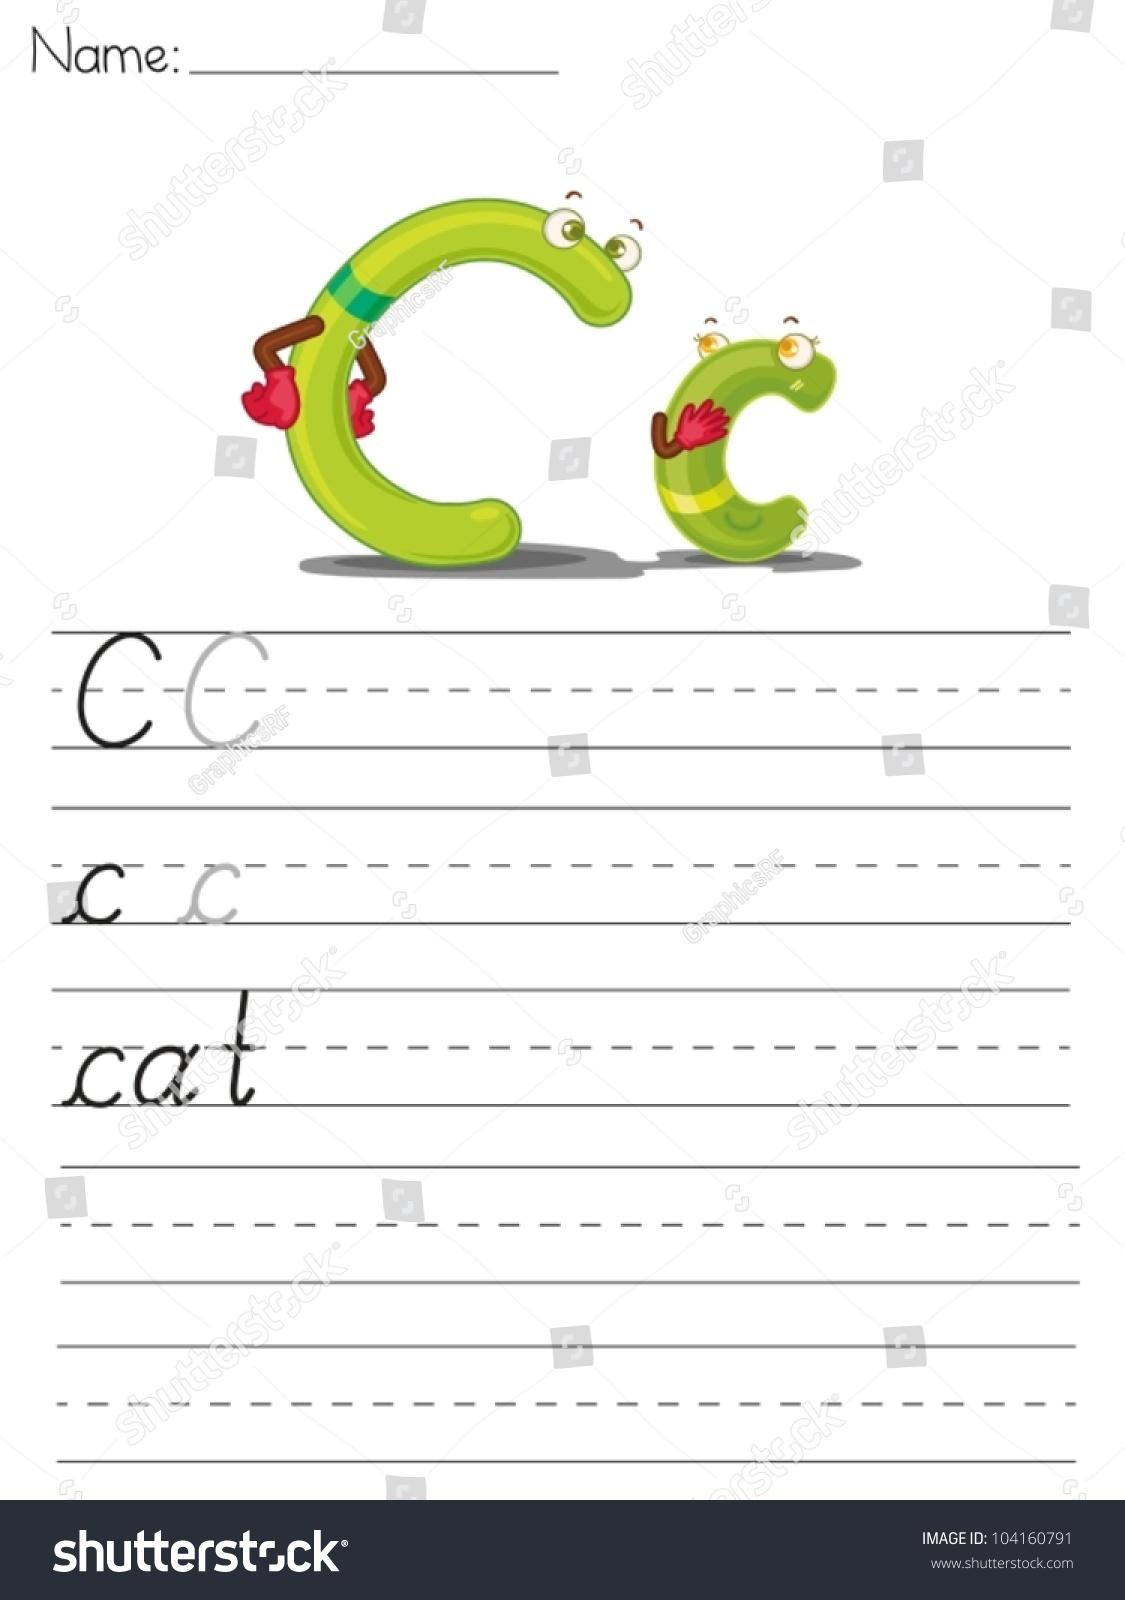 Illustrated Alphabet Worksheet Of The Letter C Stock Vector Illustration Shutterstock